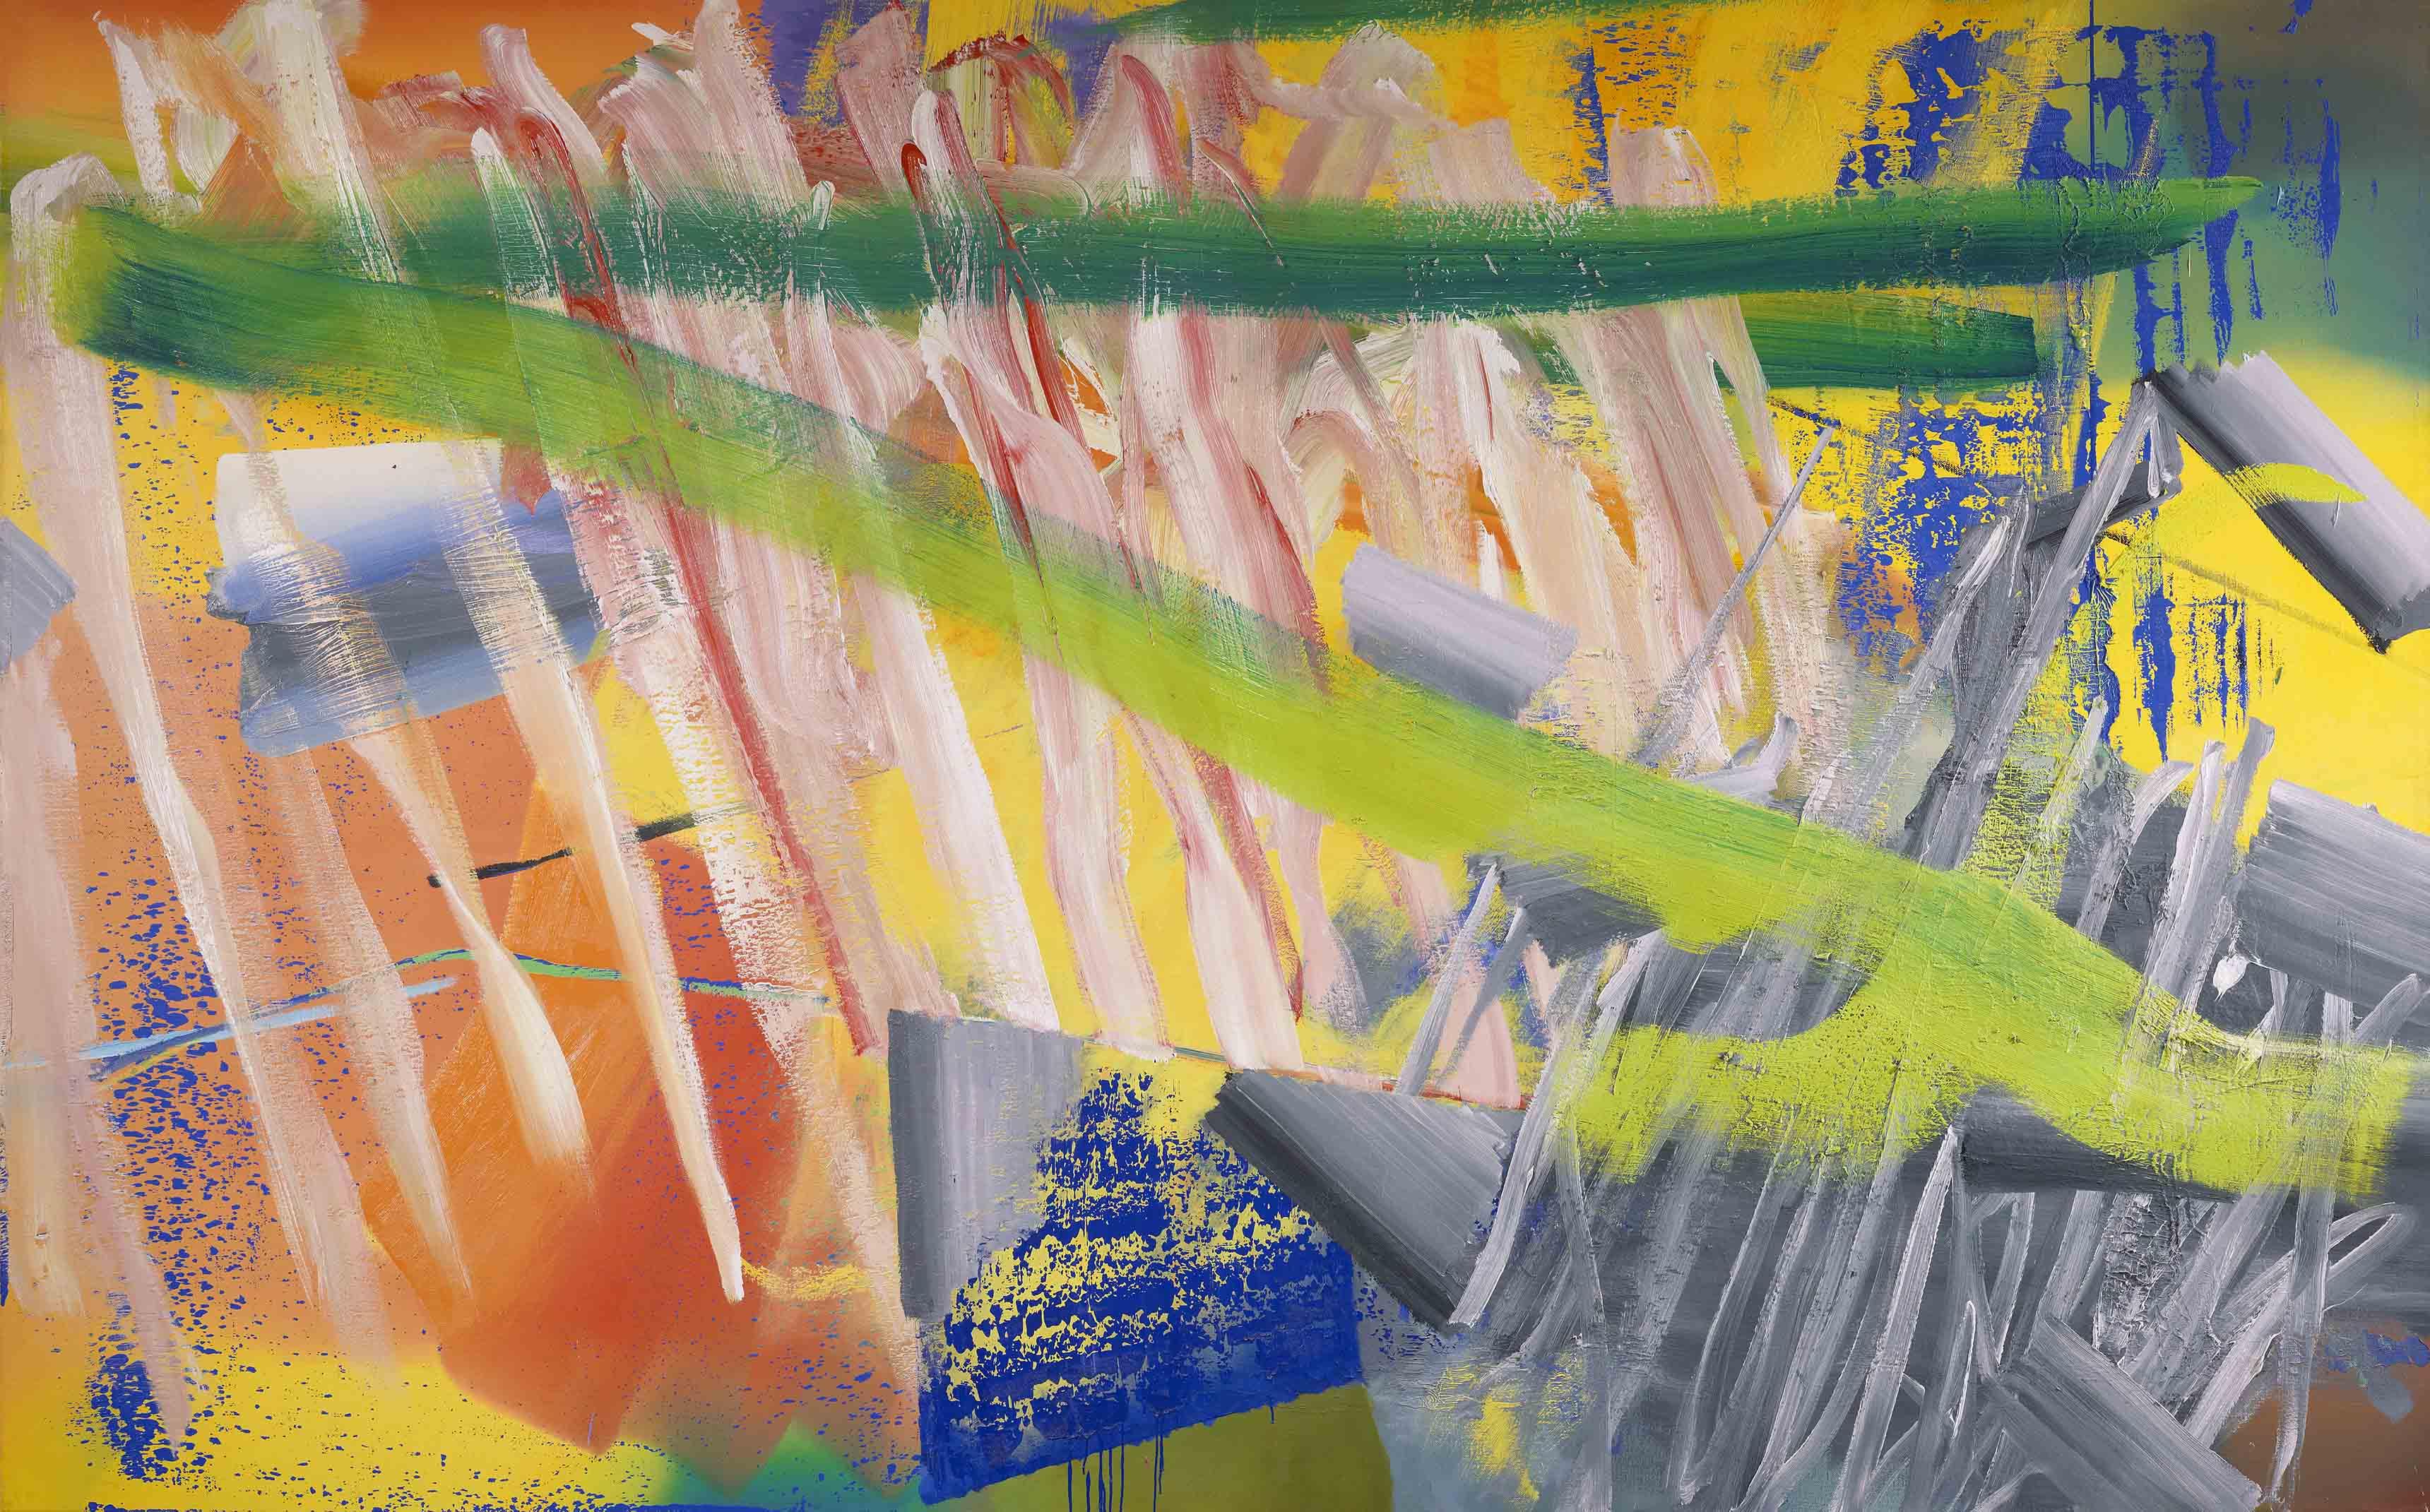 Gruner Strich (green stroke), Gerhard Richter, (1982)